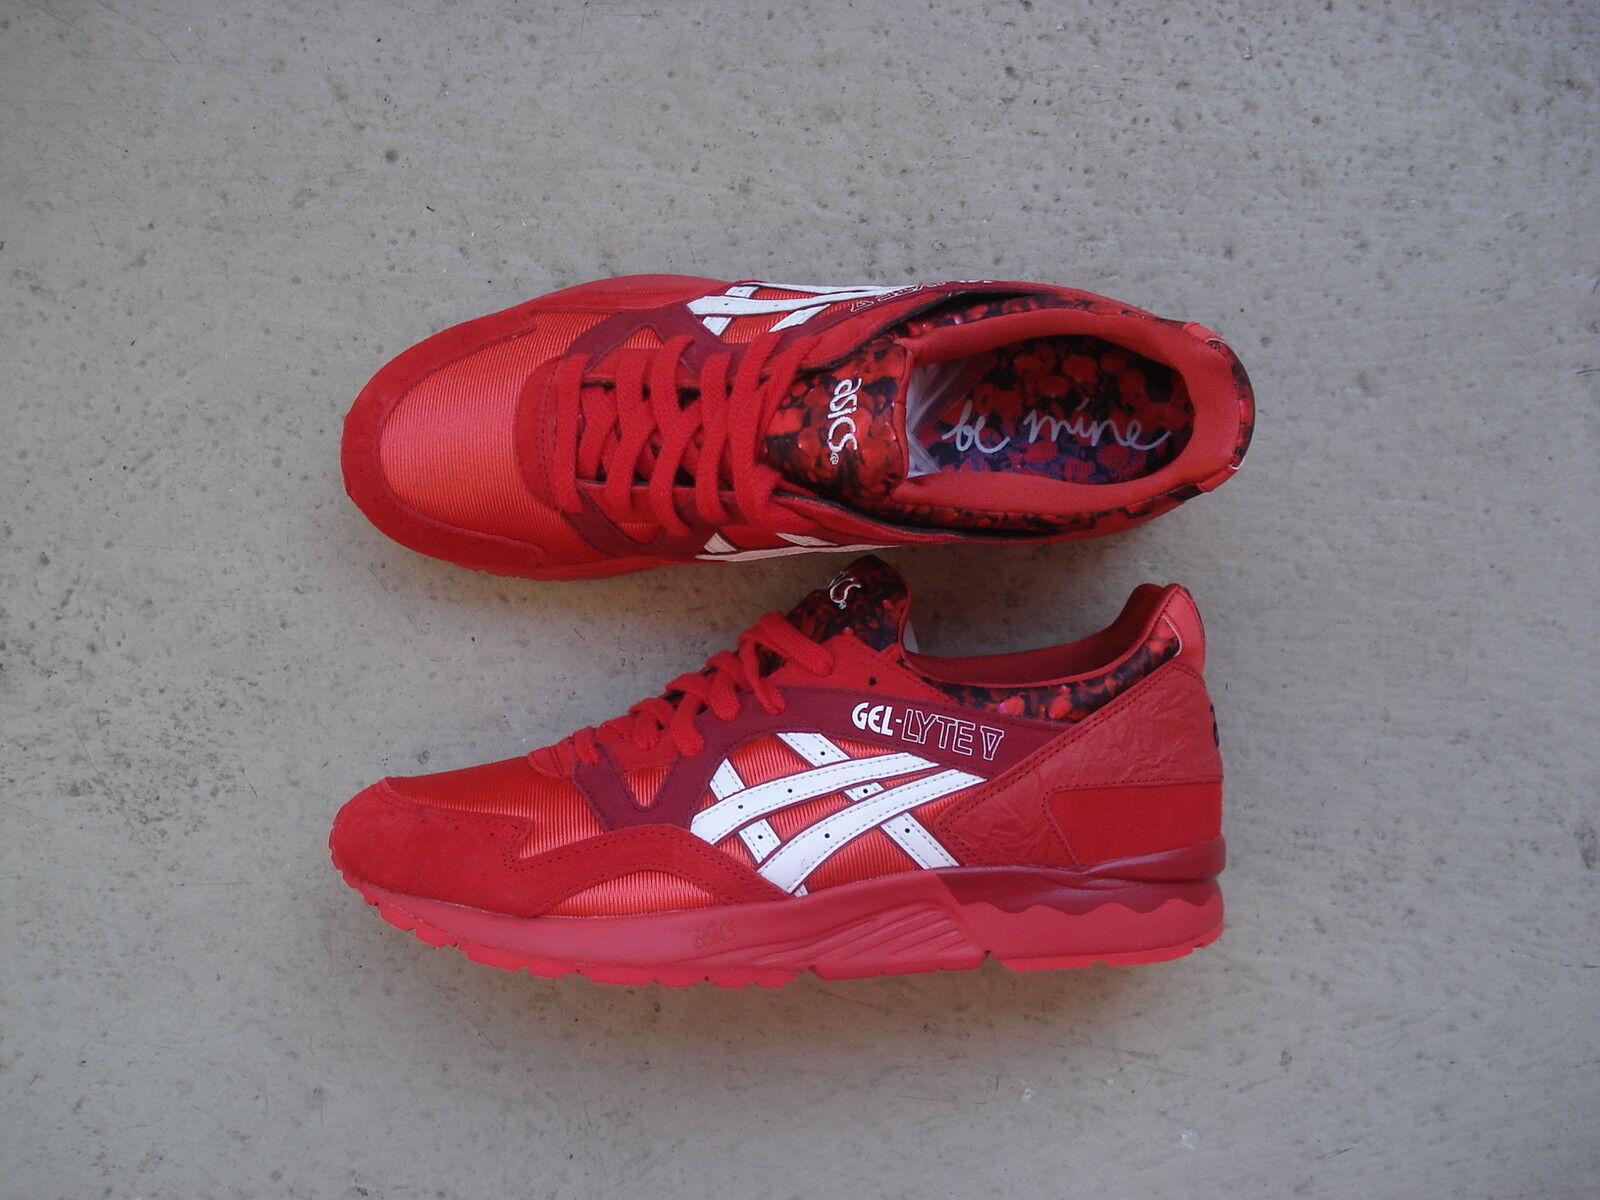 Women's Asics Gel Lyte 5/V 44 Valentine's Day Red/White Cheap women's shoes women's shoes